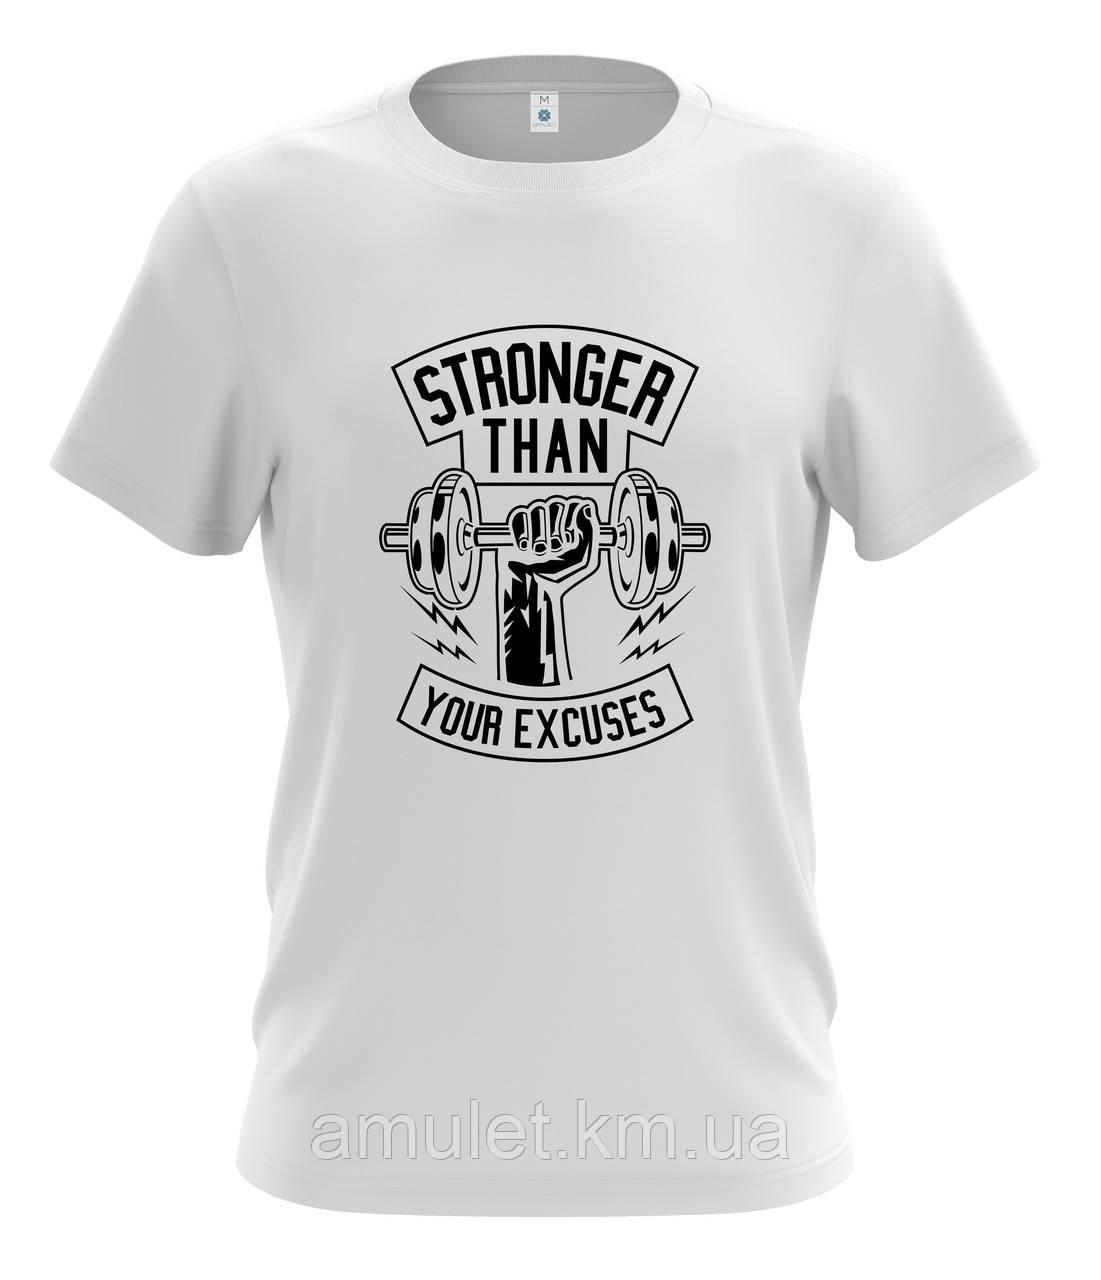 """Футболка мужская спортивная """"Stronger in GYM"""" Белый, XXL"""